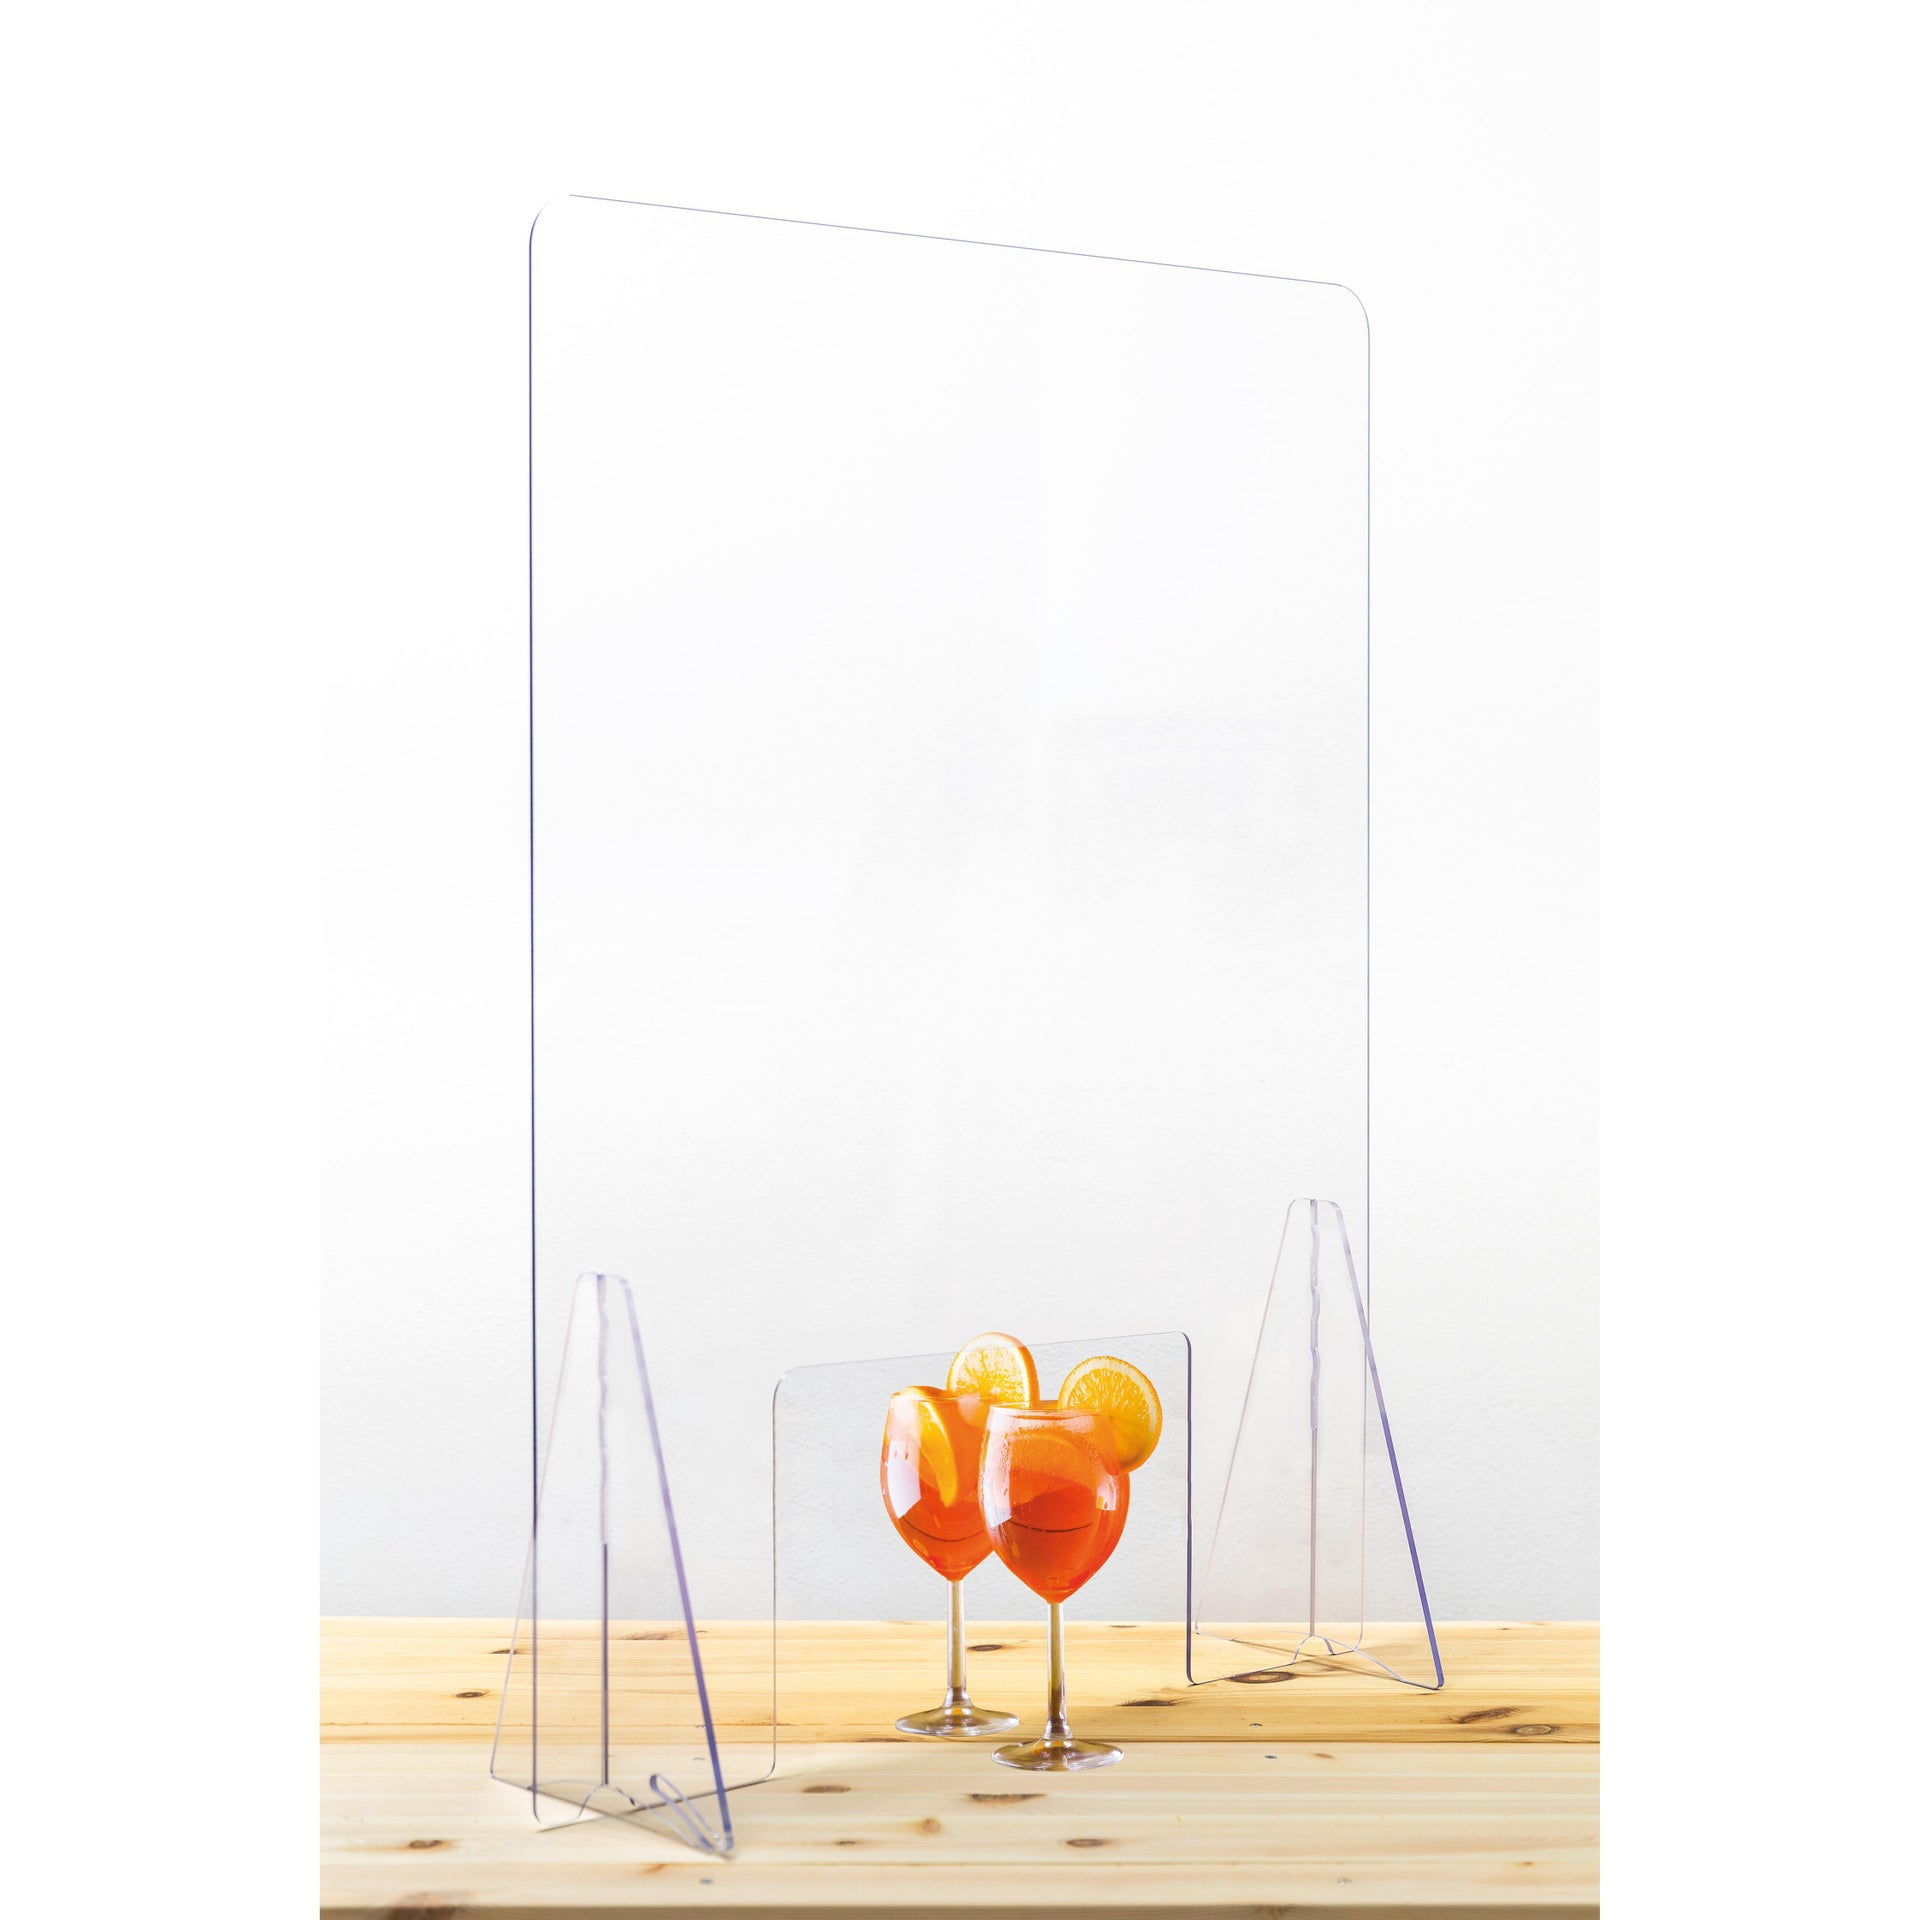 Schermo di protezione acrilico trasparente 80 cm x 80 cm, Sp 0.5 mm - 1